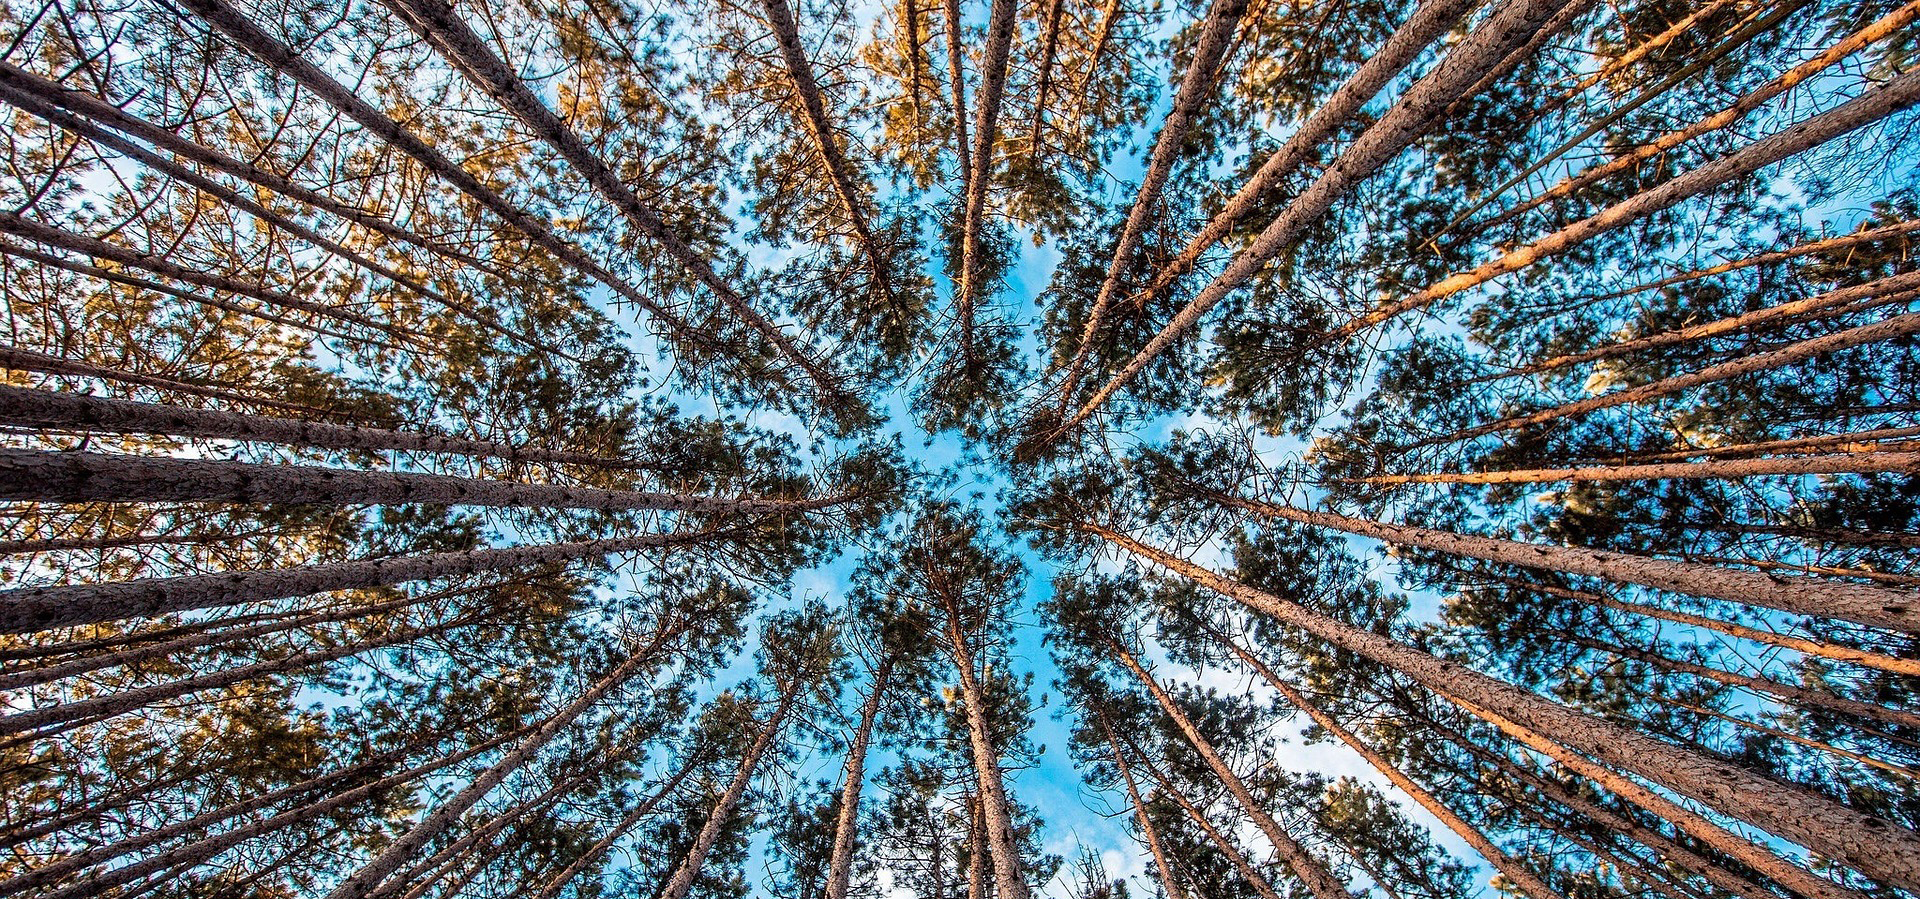 SUMAMOS TRES NUEVOS COMPROMISOS DESDE CASTILLA Y LEÓN, Y ALCANZAMOS LA CIFRA DE 20 ORGANIZACIONES ADSCRITAS A LIFE FOREST CO2